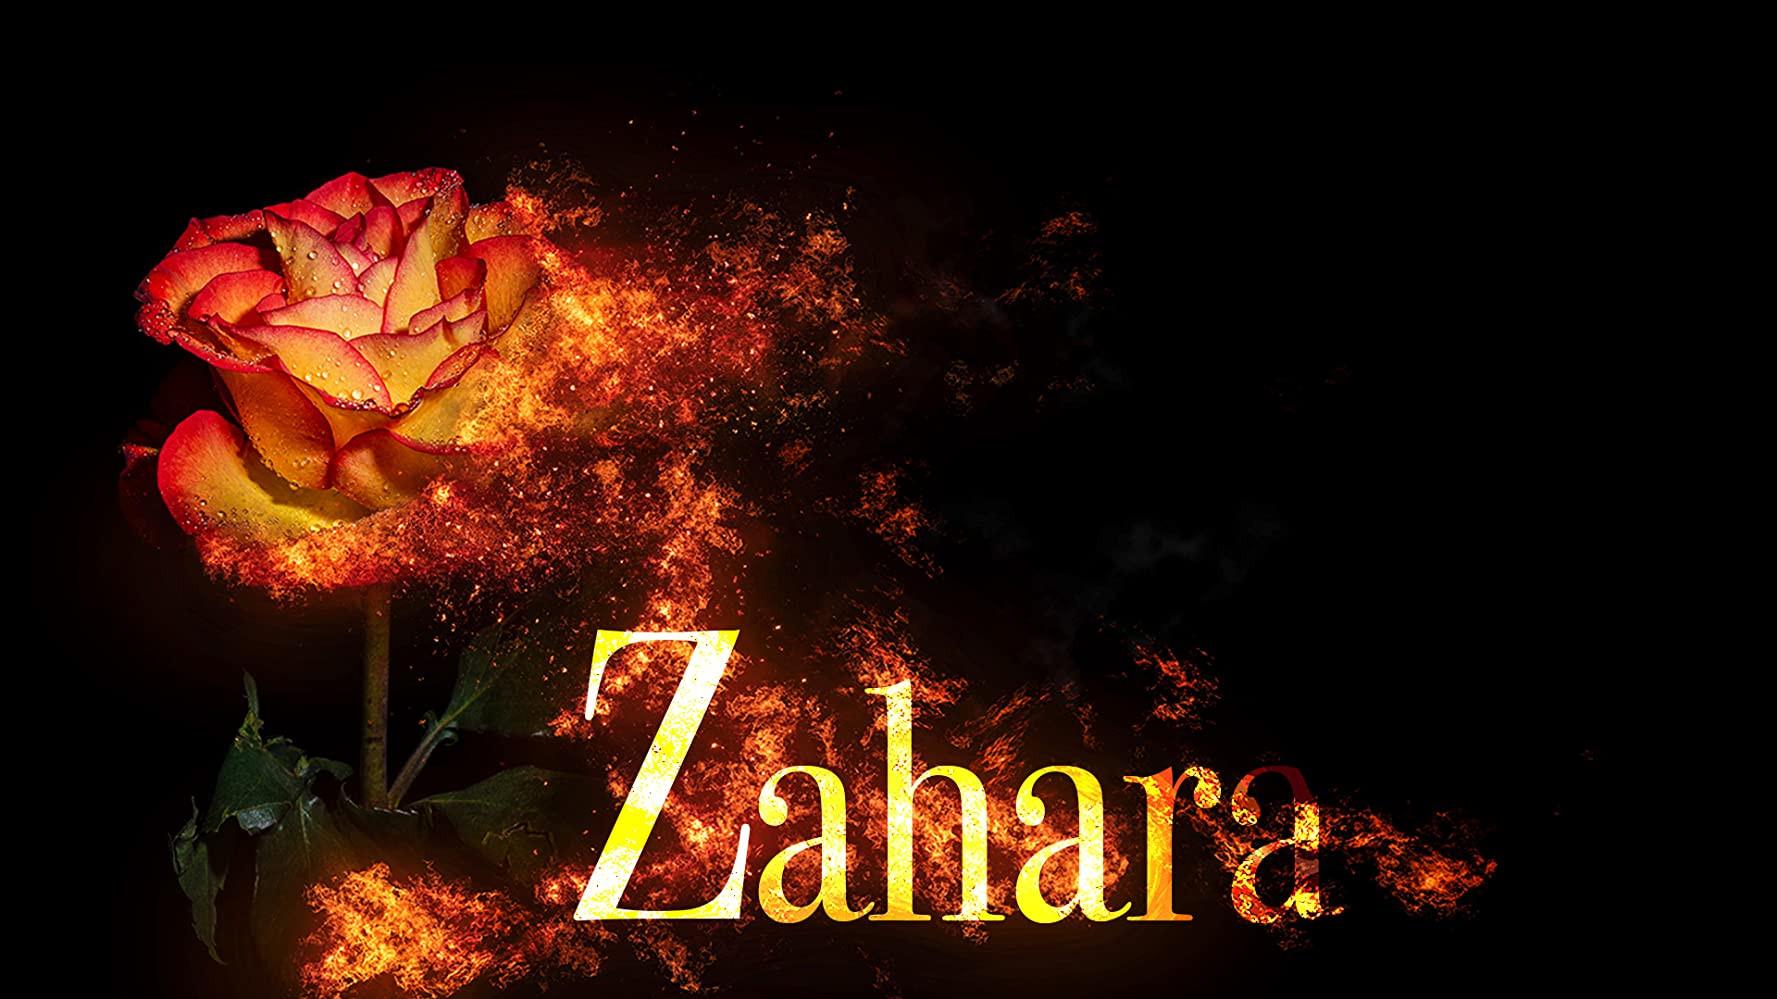 Zahara logo